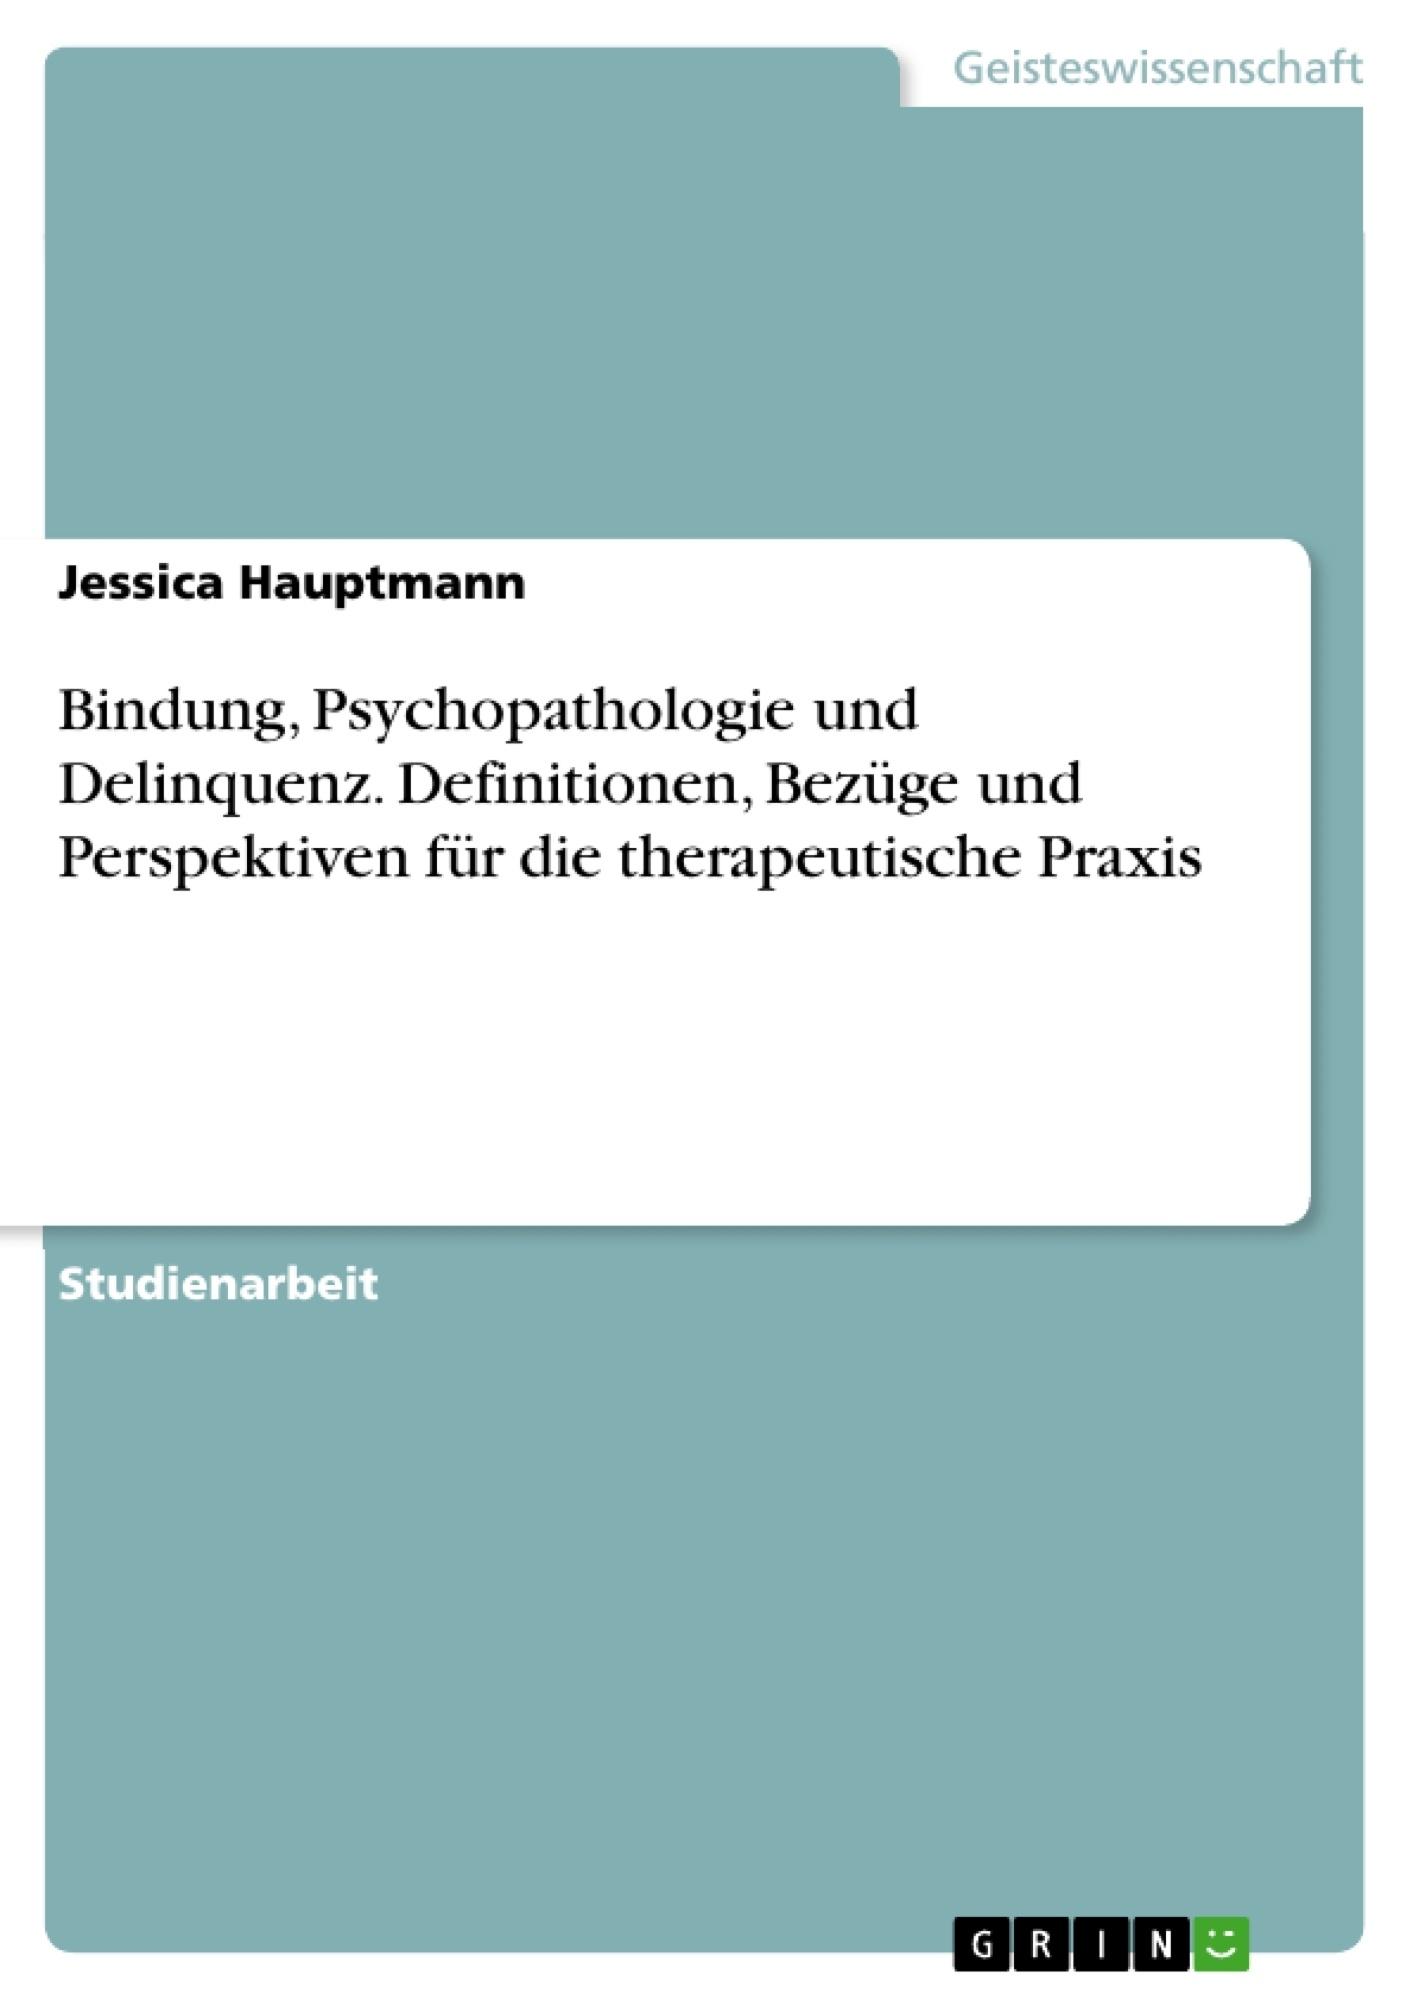 Titel: Bindung, Psychopathologie und Delinquenz. Definitionen, Bezüge und Perspektiven für die therapeutische Praxis